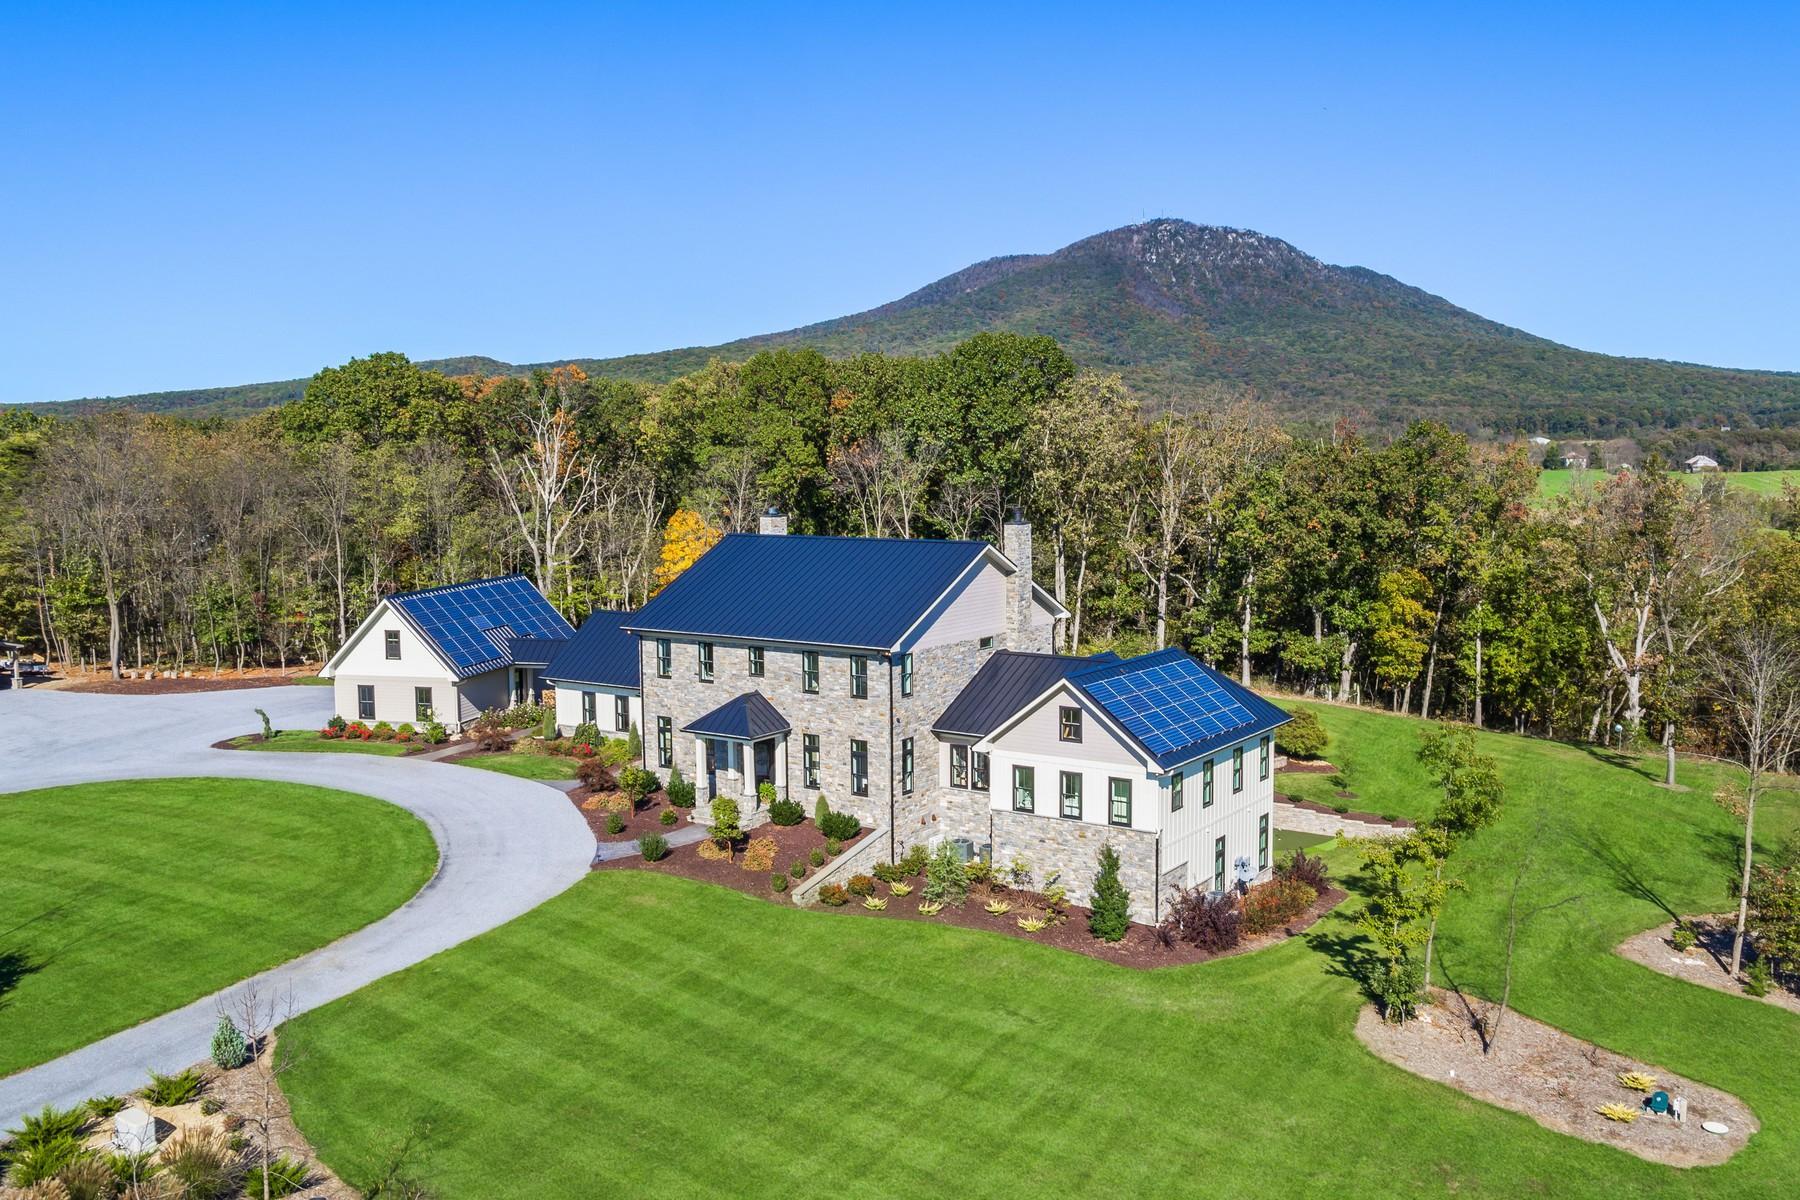 Maison unifamiliale pour l Vente à 563 Hickory Point Trail, Penn Laird 563 Hickory Point Trl Penn Laird, Virginia, 22846 États-Unis